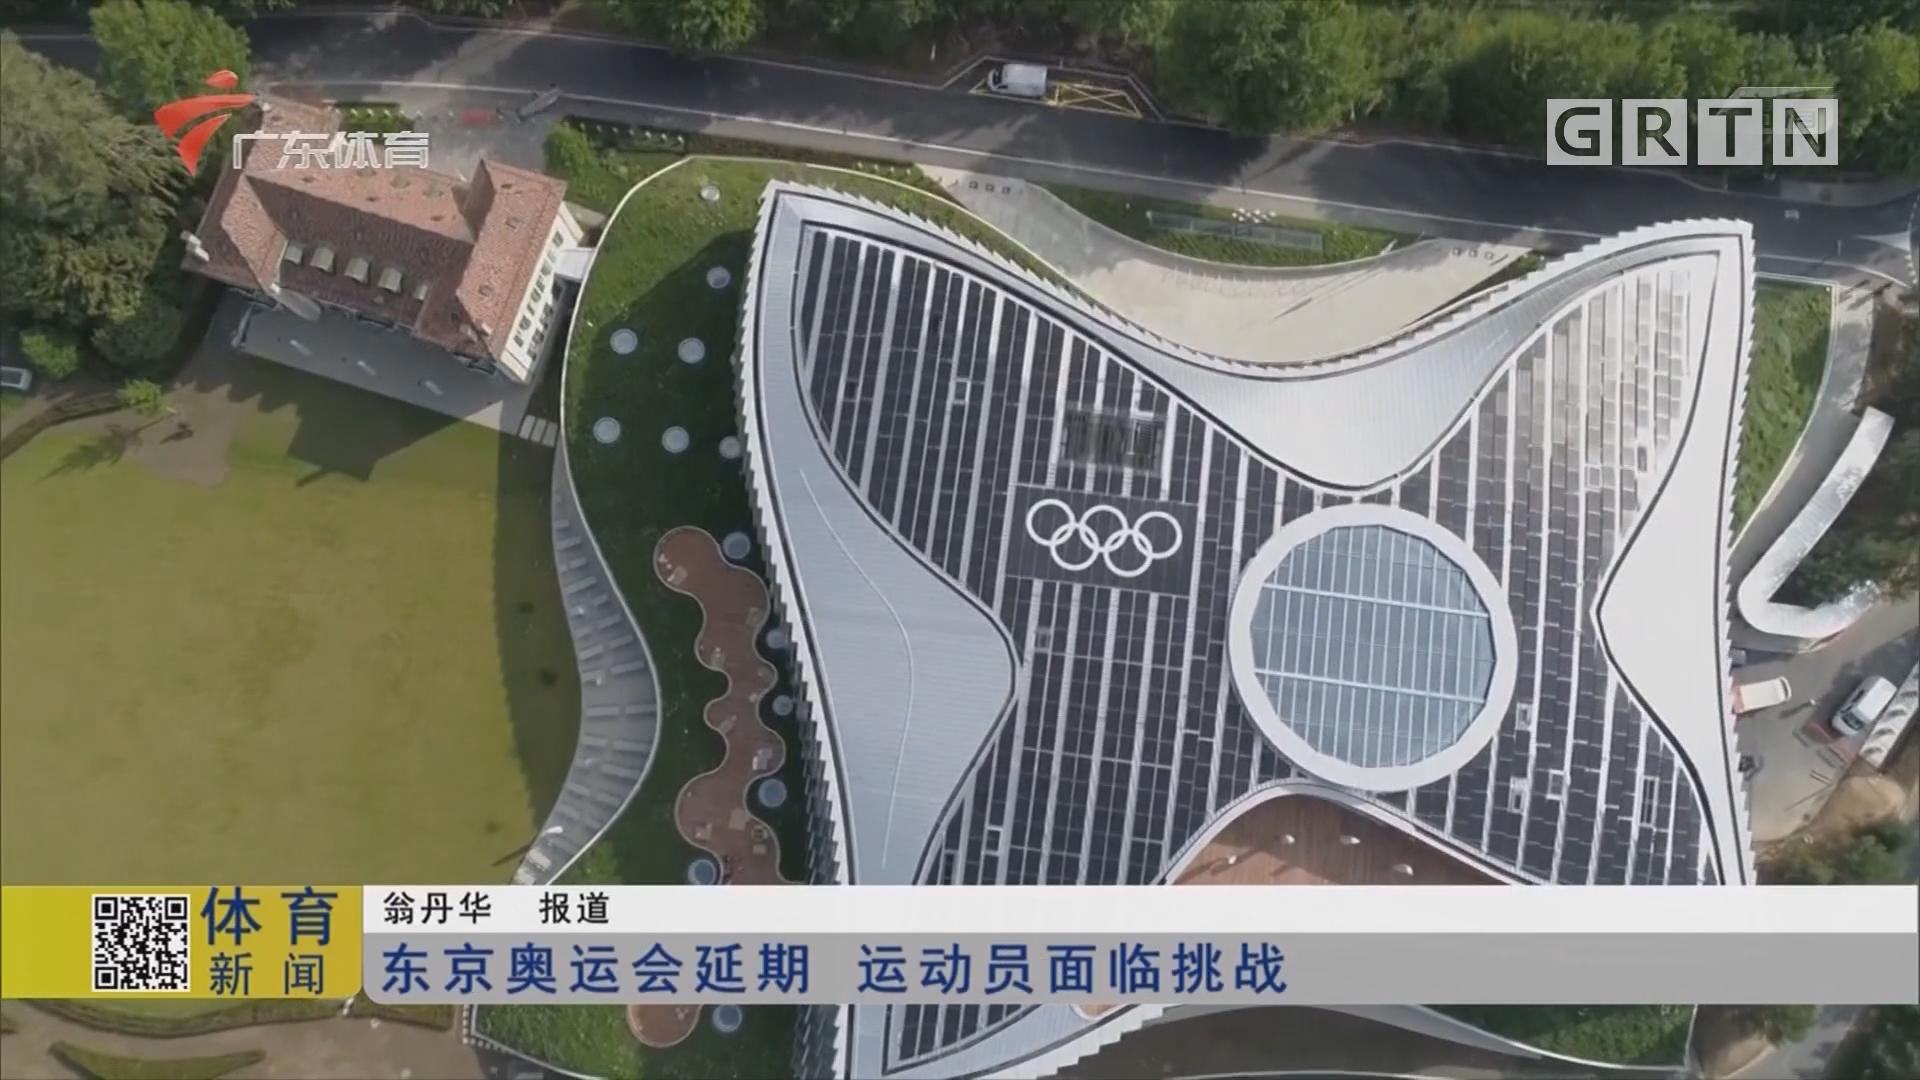 东京奥运会延期 运动员面临挑战